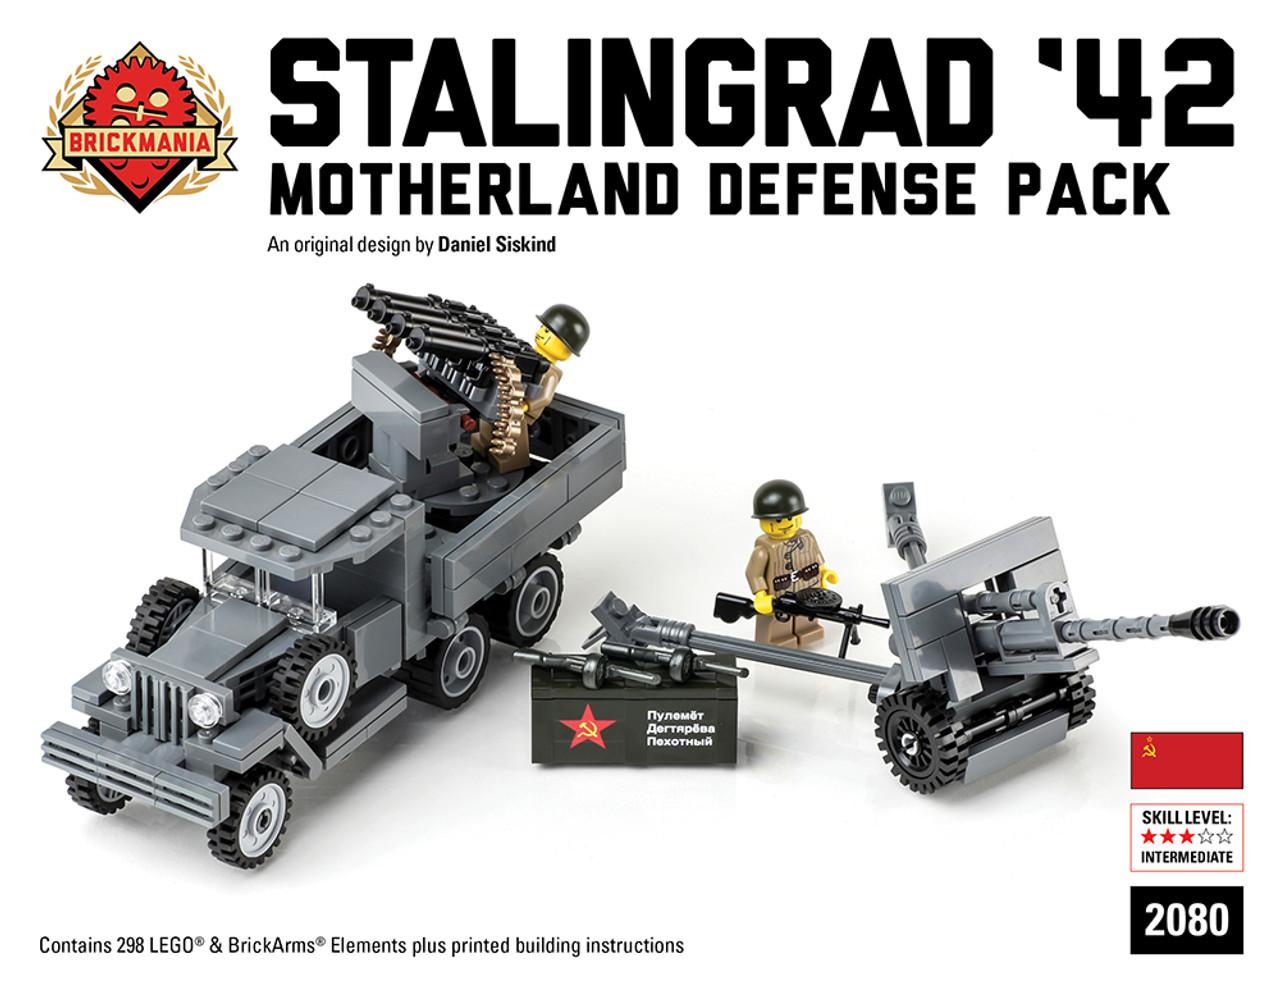 Stalingrad '42 Motherland Defense Pack